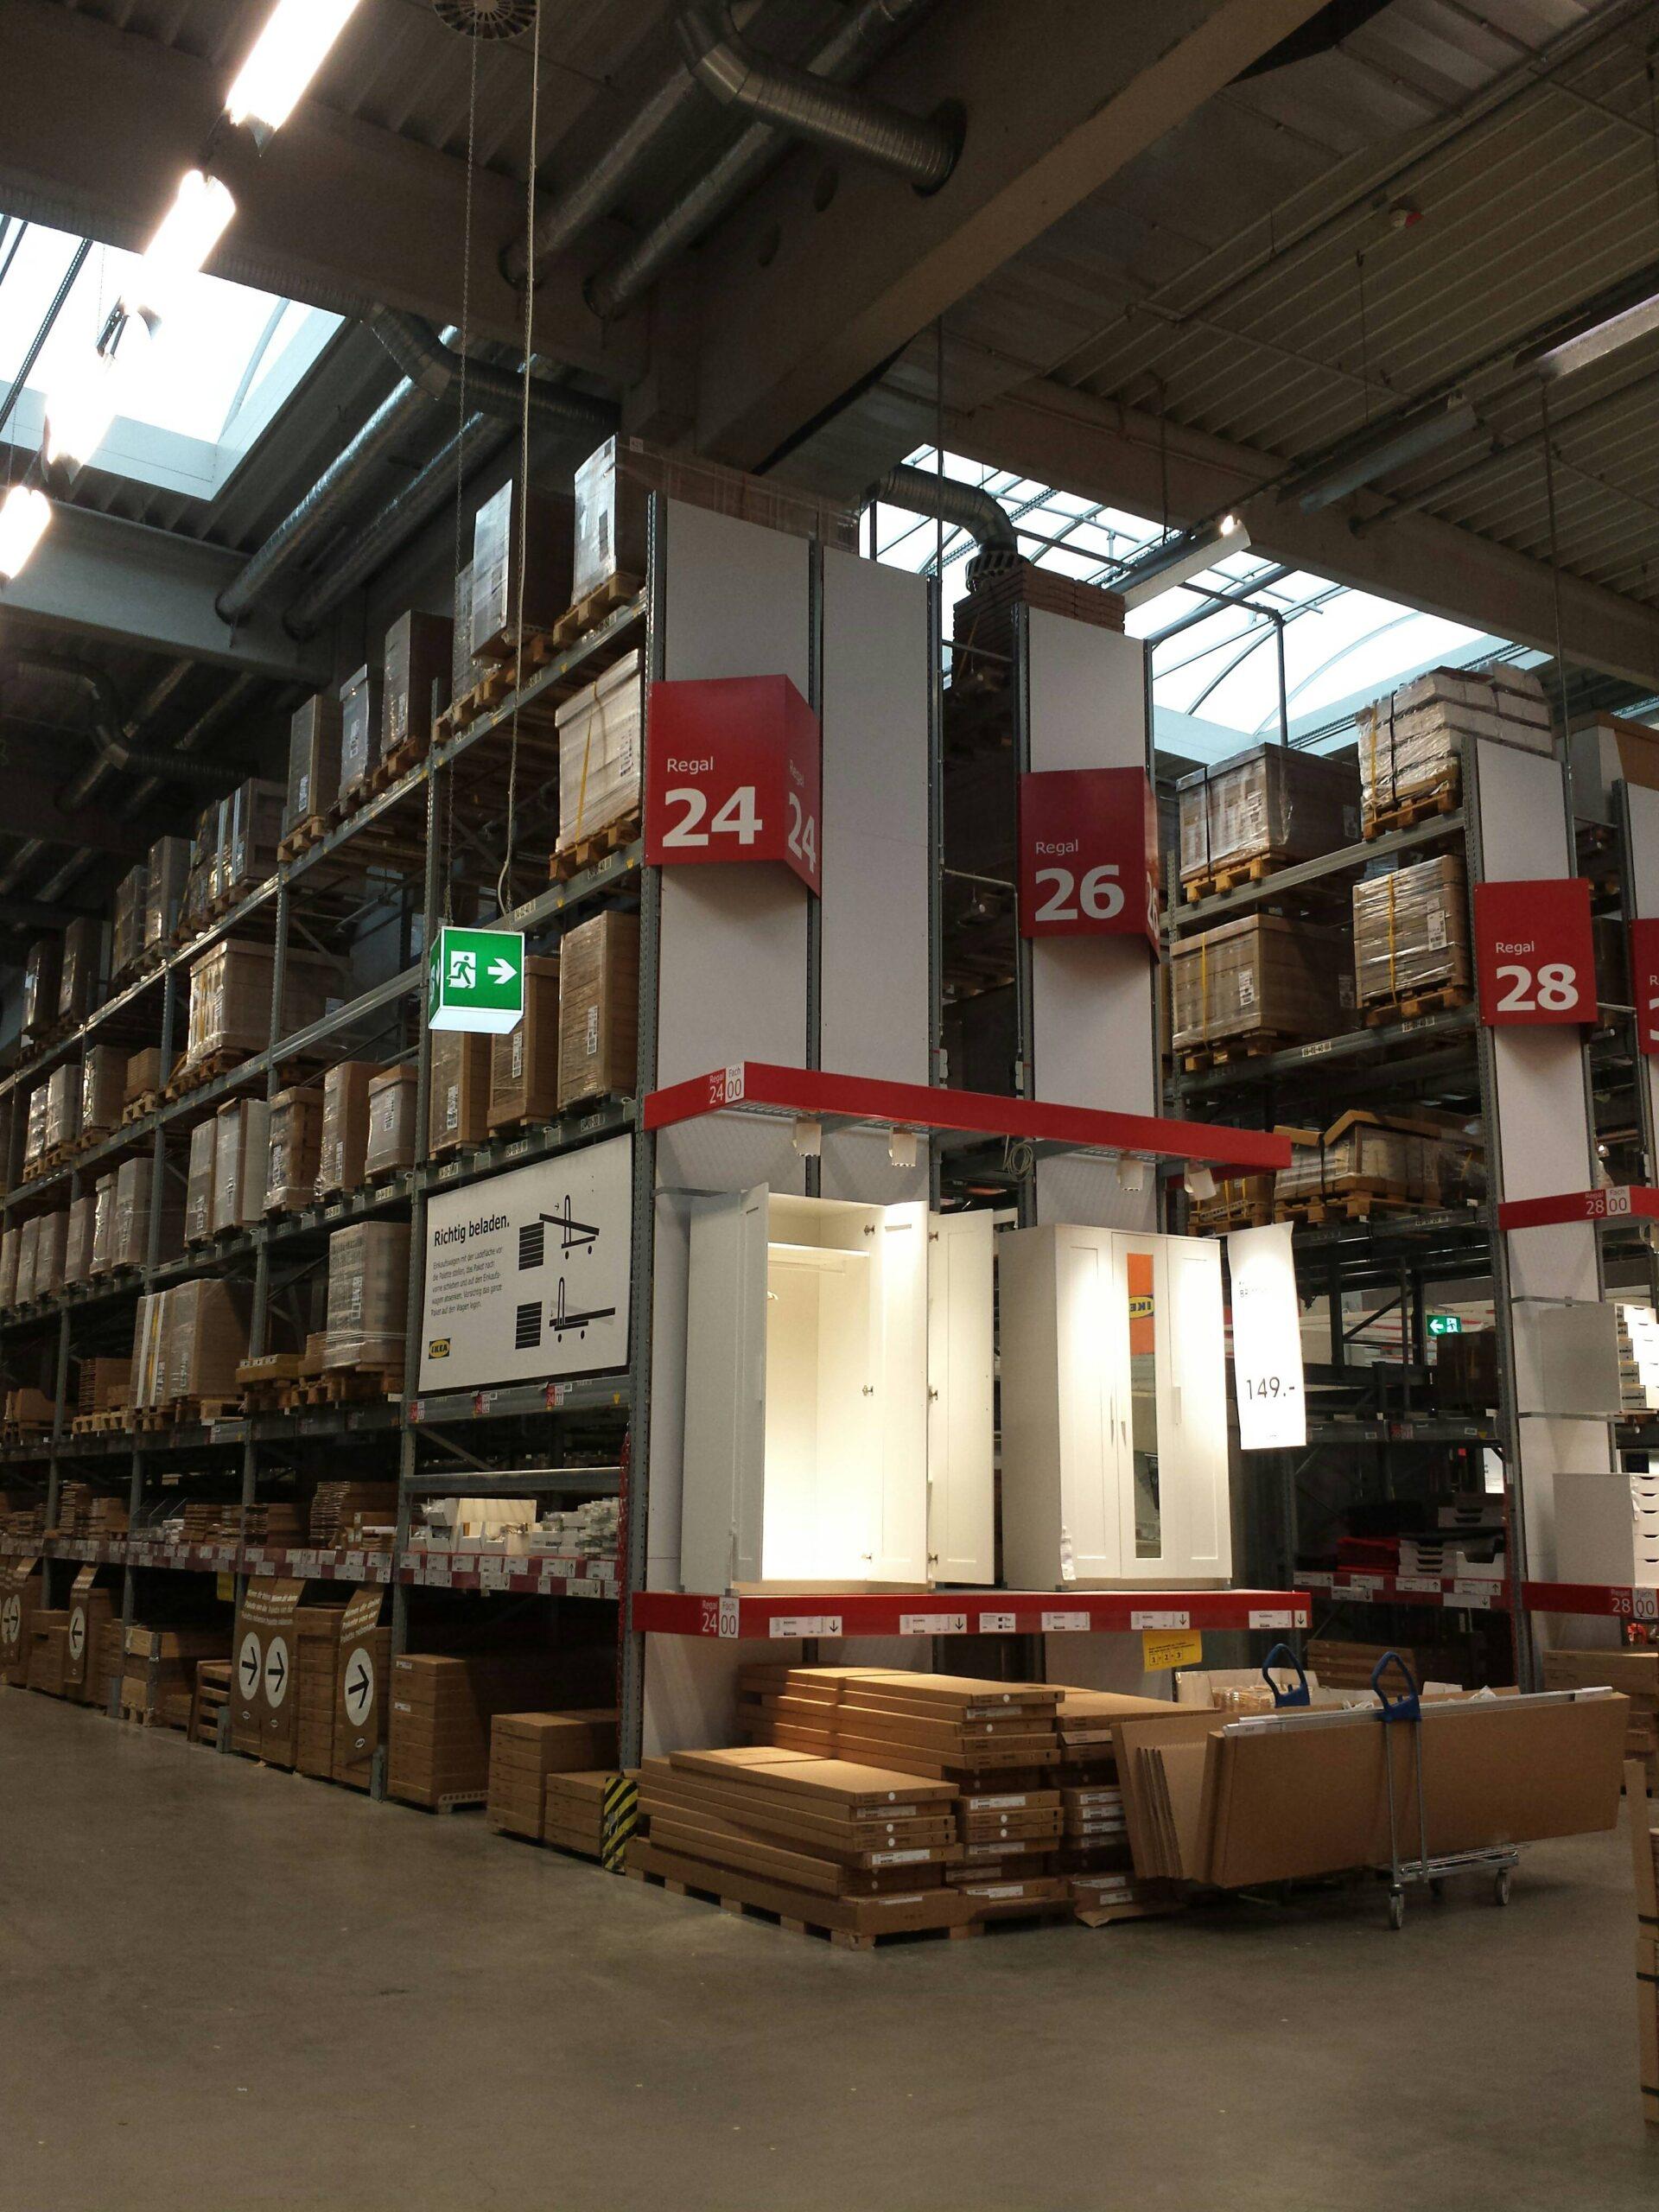 Full Size of Ikea Deutschland Gmbh Cokg Niederlassung Duisburg 47166 Schubladeneinsatz Küche Wanduhr Vorratsschrank Pendelleuchten Modul Kinder Spielküche Lüftung Wohnzimmer Barrierefreie Küche Ikea